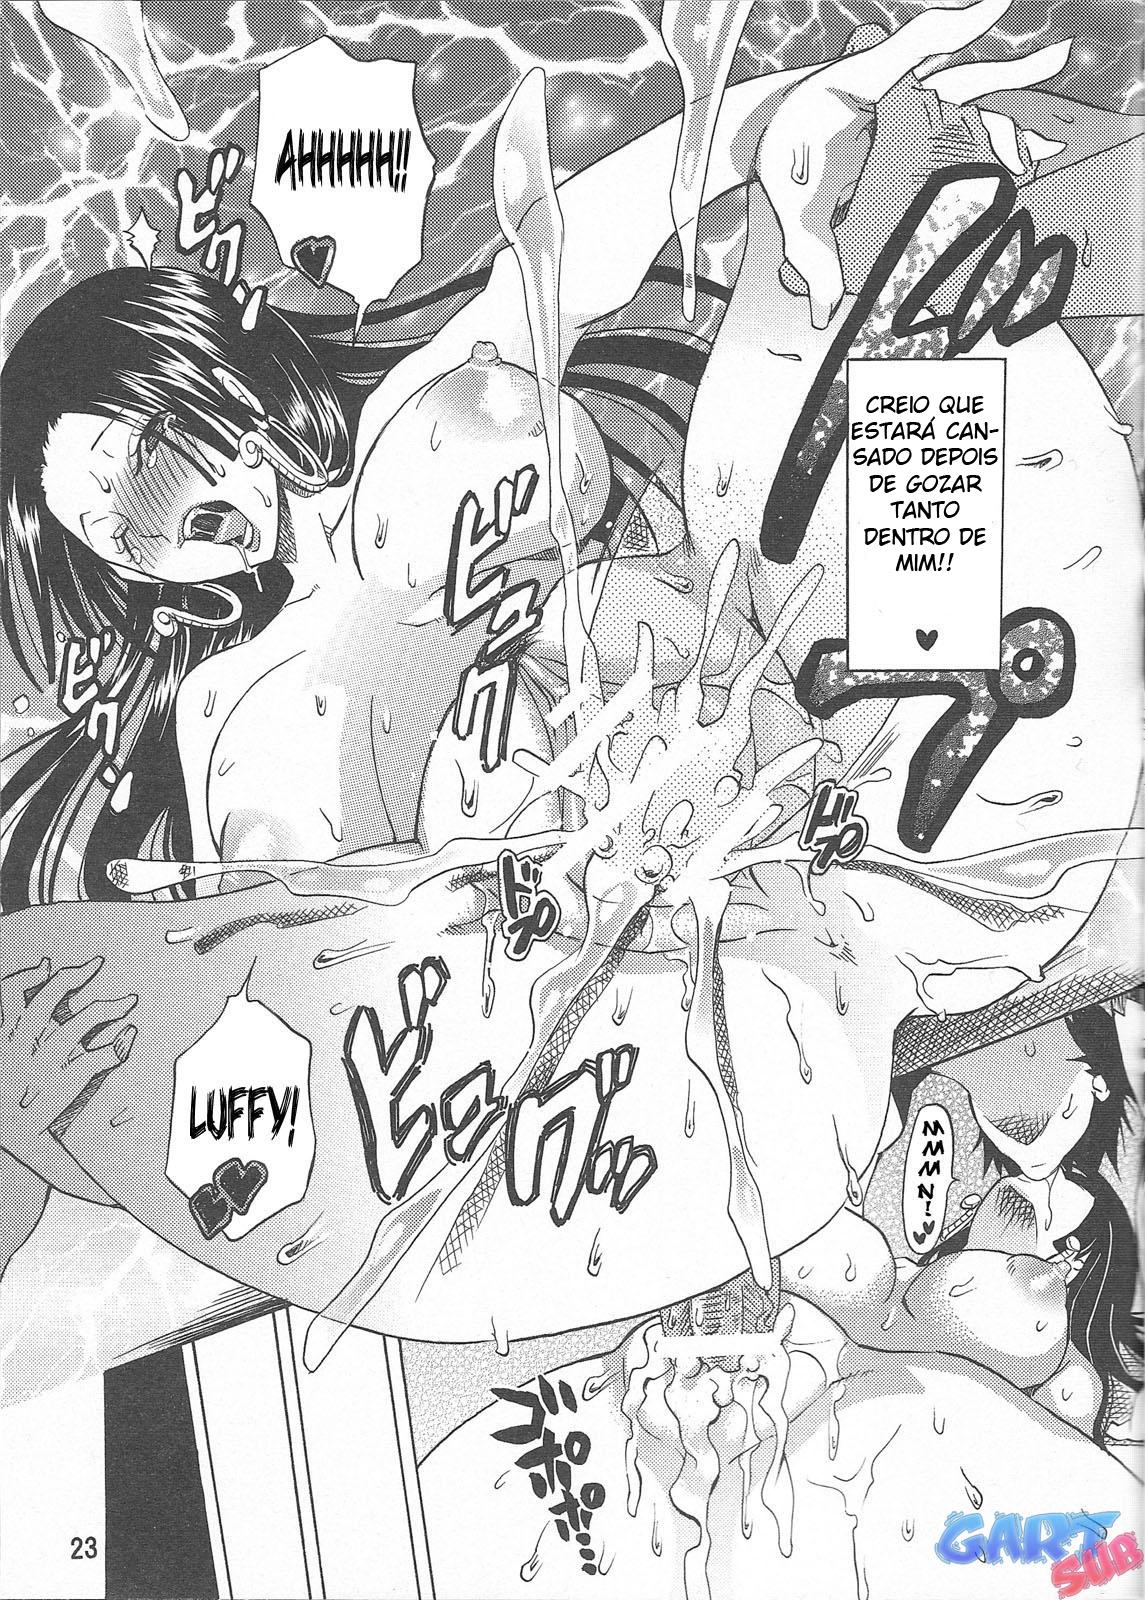 Luffy comendo Boa Hancock - Foto 22